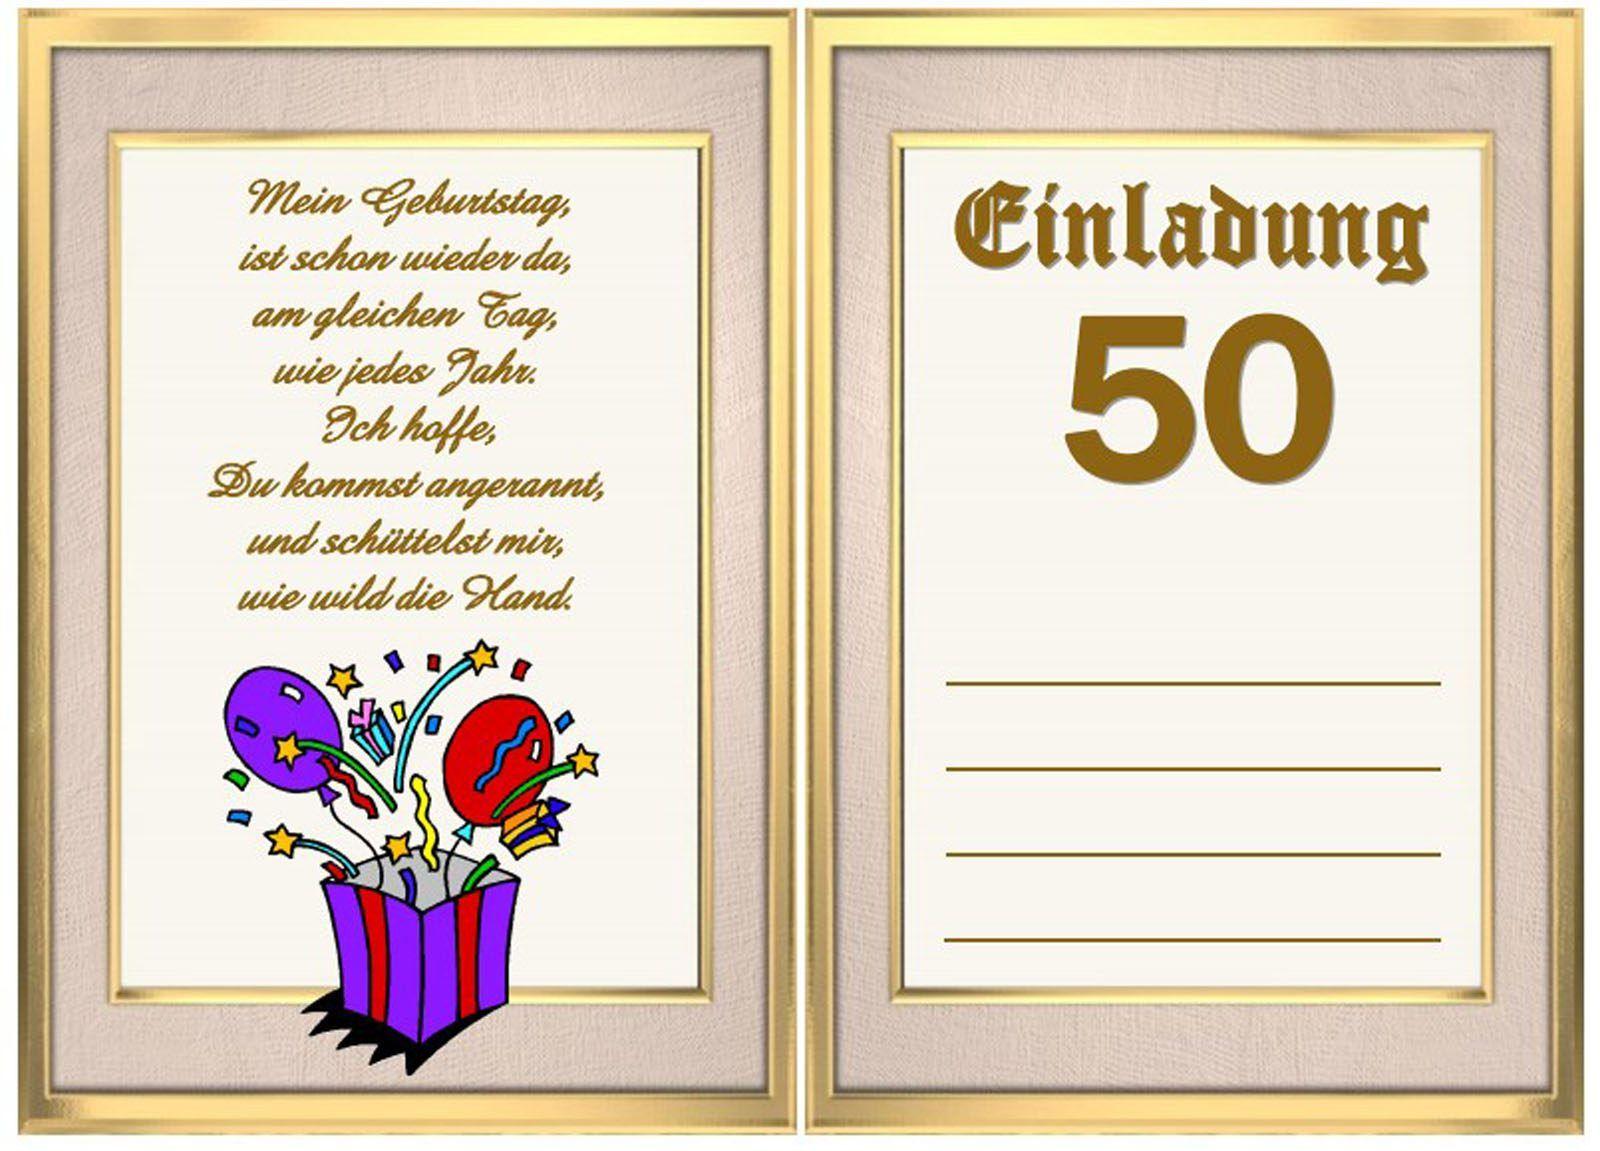 Einladung Geburtstag Kostenlos Download